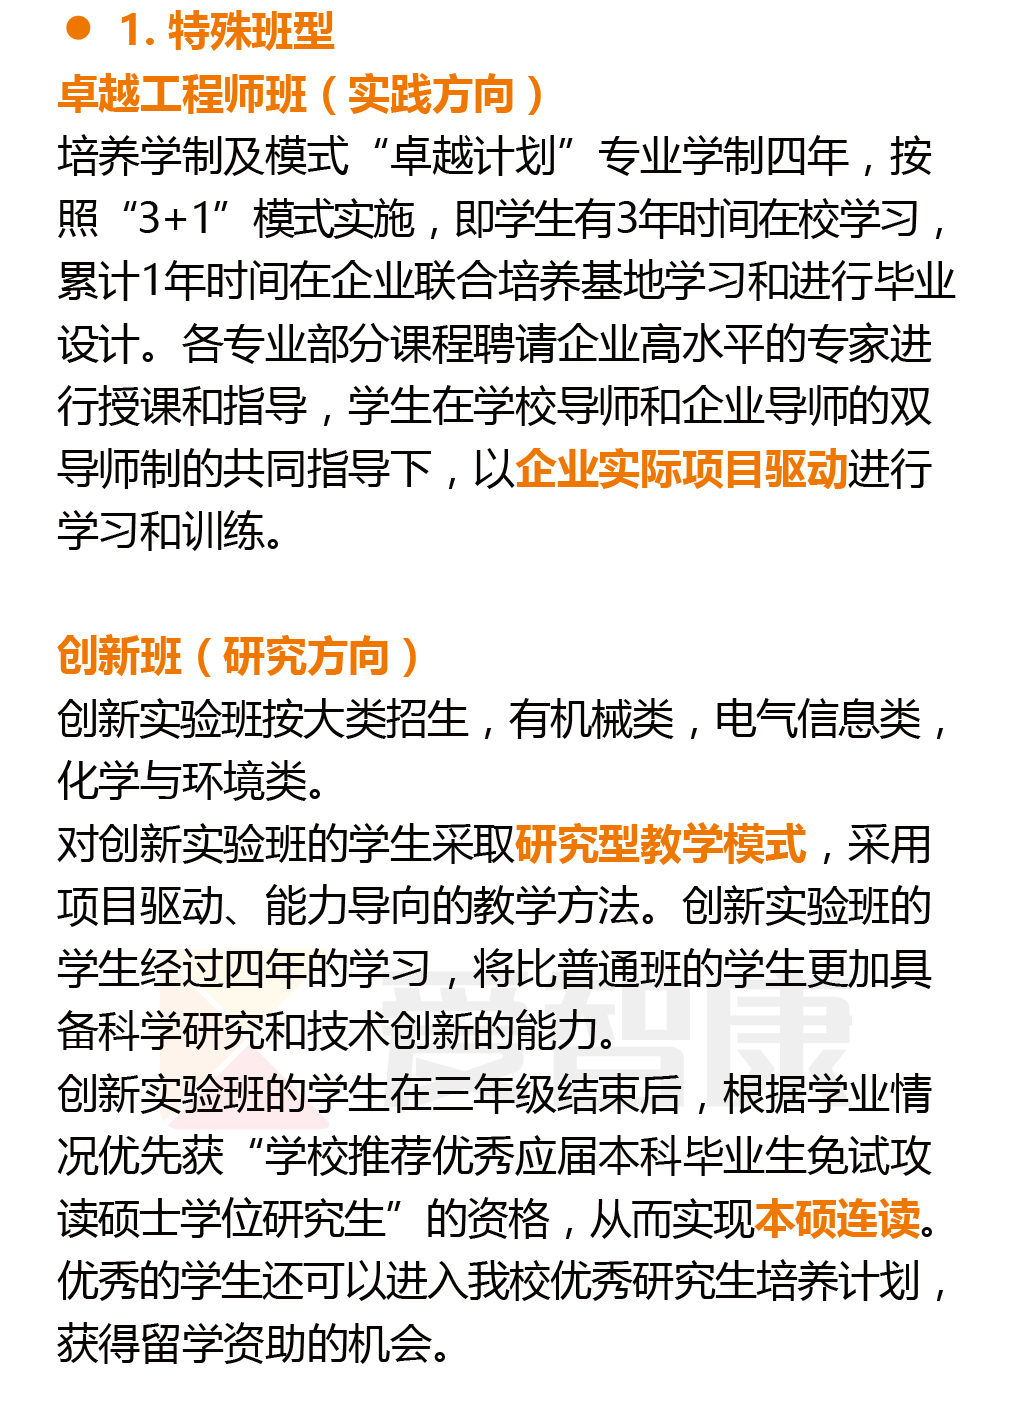 广东工业大学特色项目